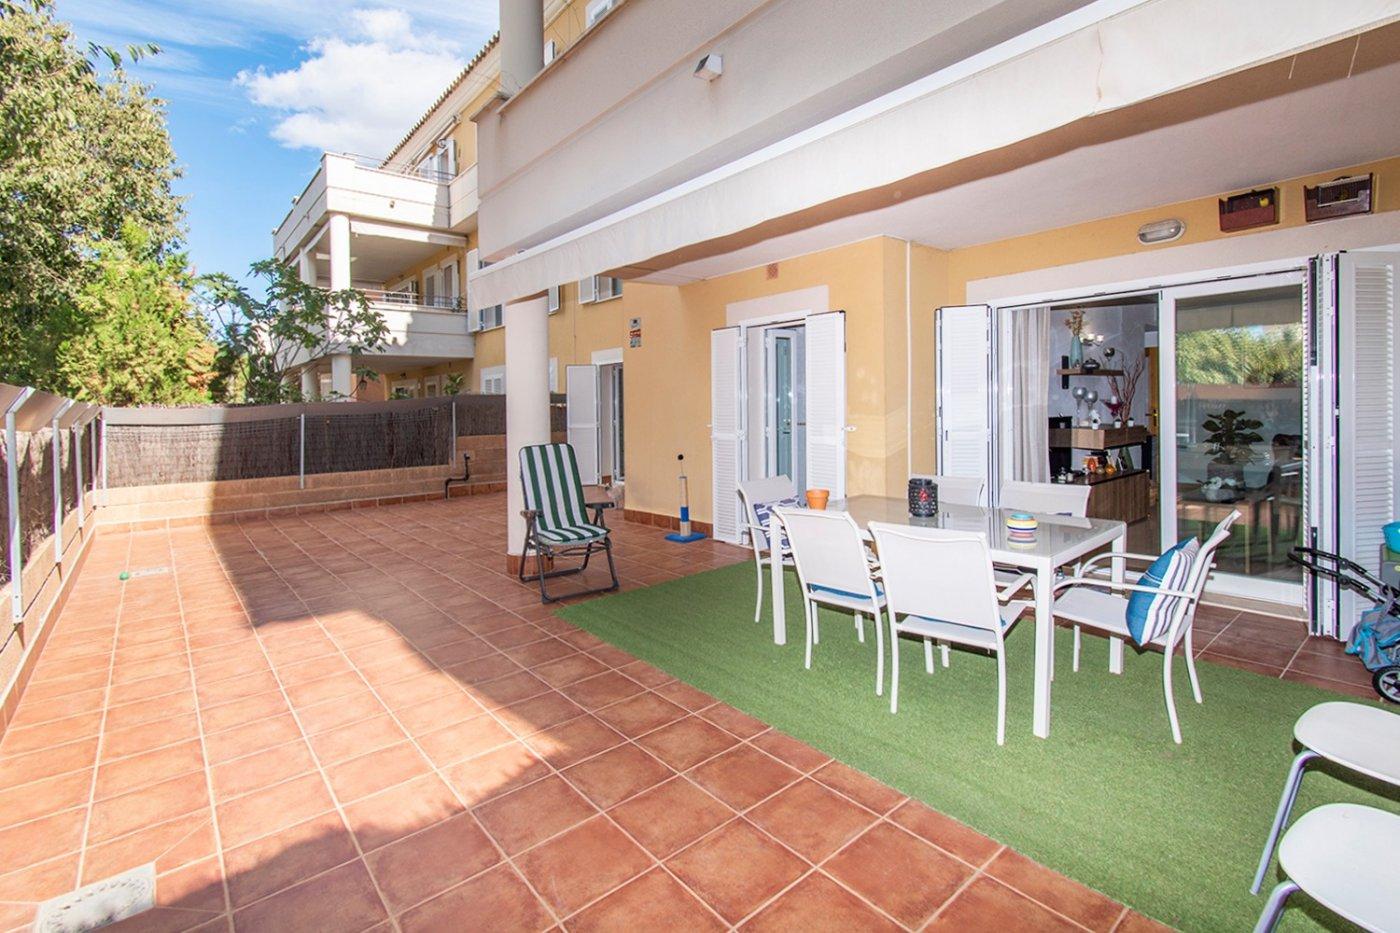 Planta baja de 2 habitaciones, terraza, parking, trastero y zonas comunitarias en son moix - imagenInmueble1